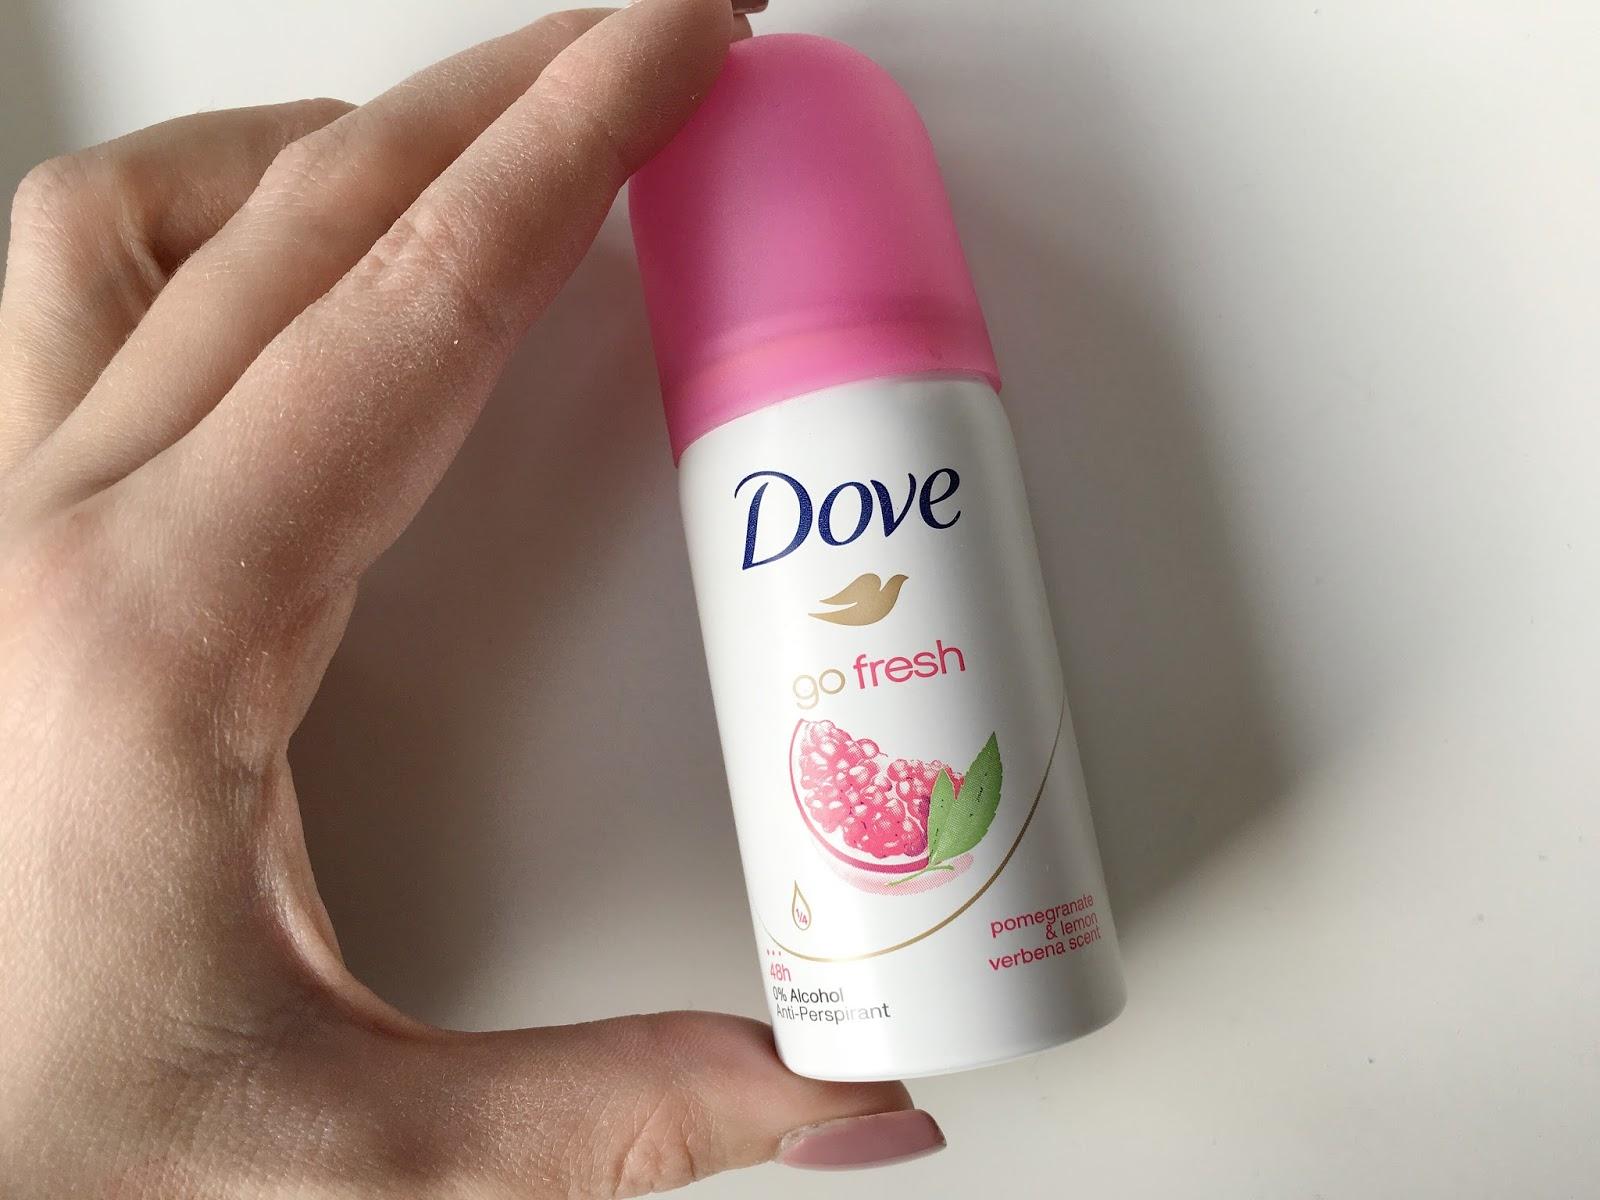 Femifresh Vaginal Freshness Deodorant Spray